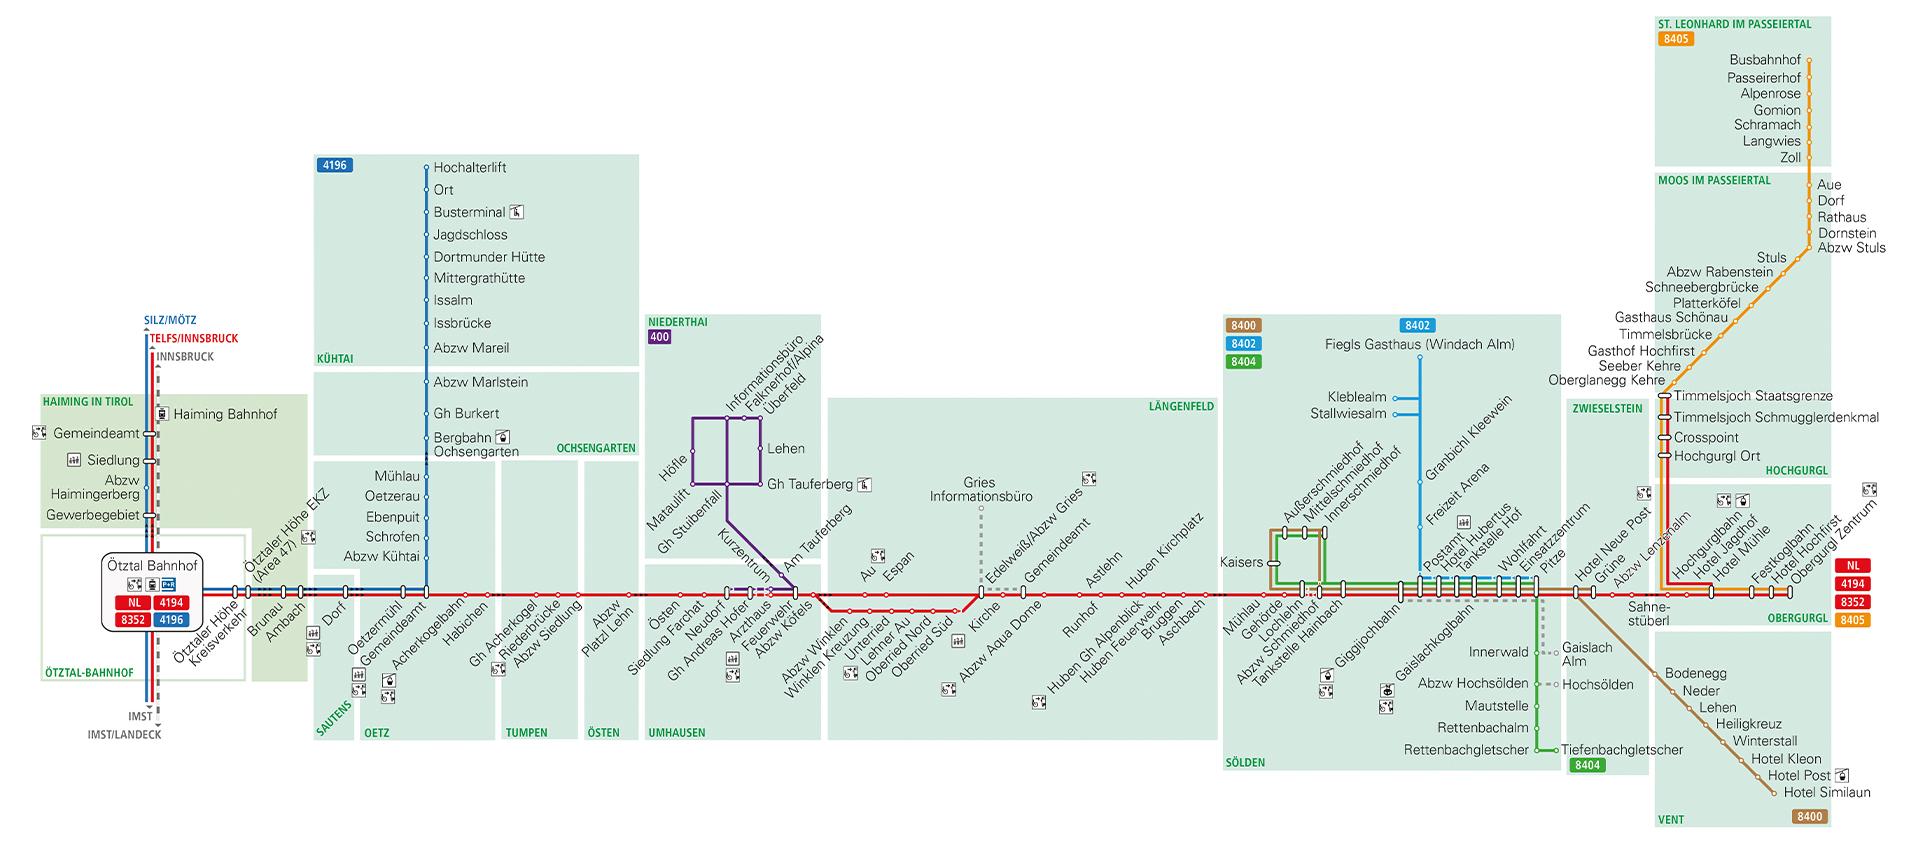 Liniennetzplan_Sommer-2020